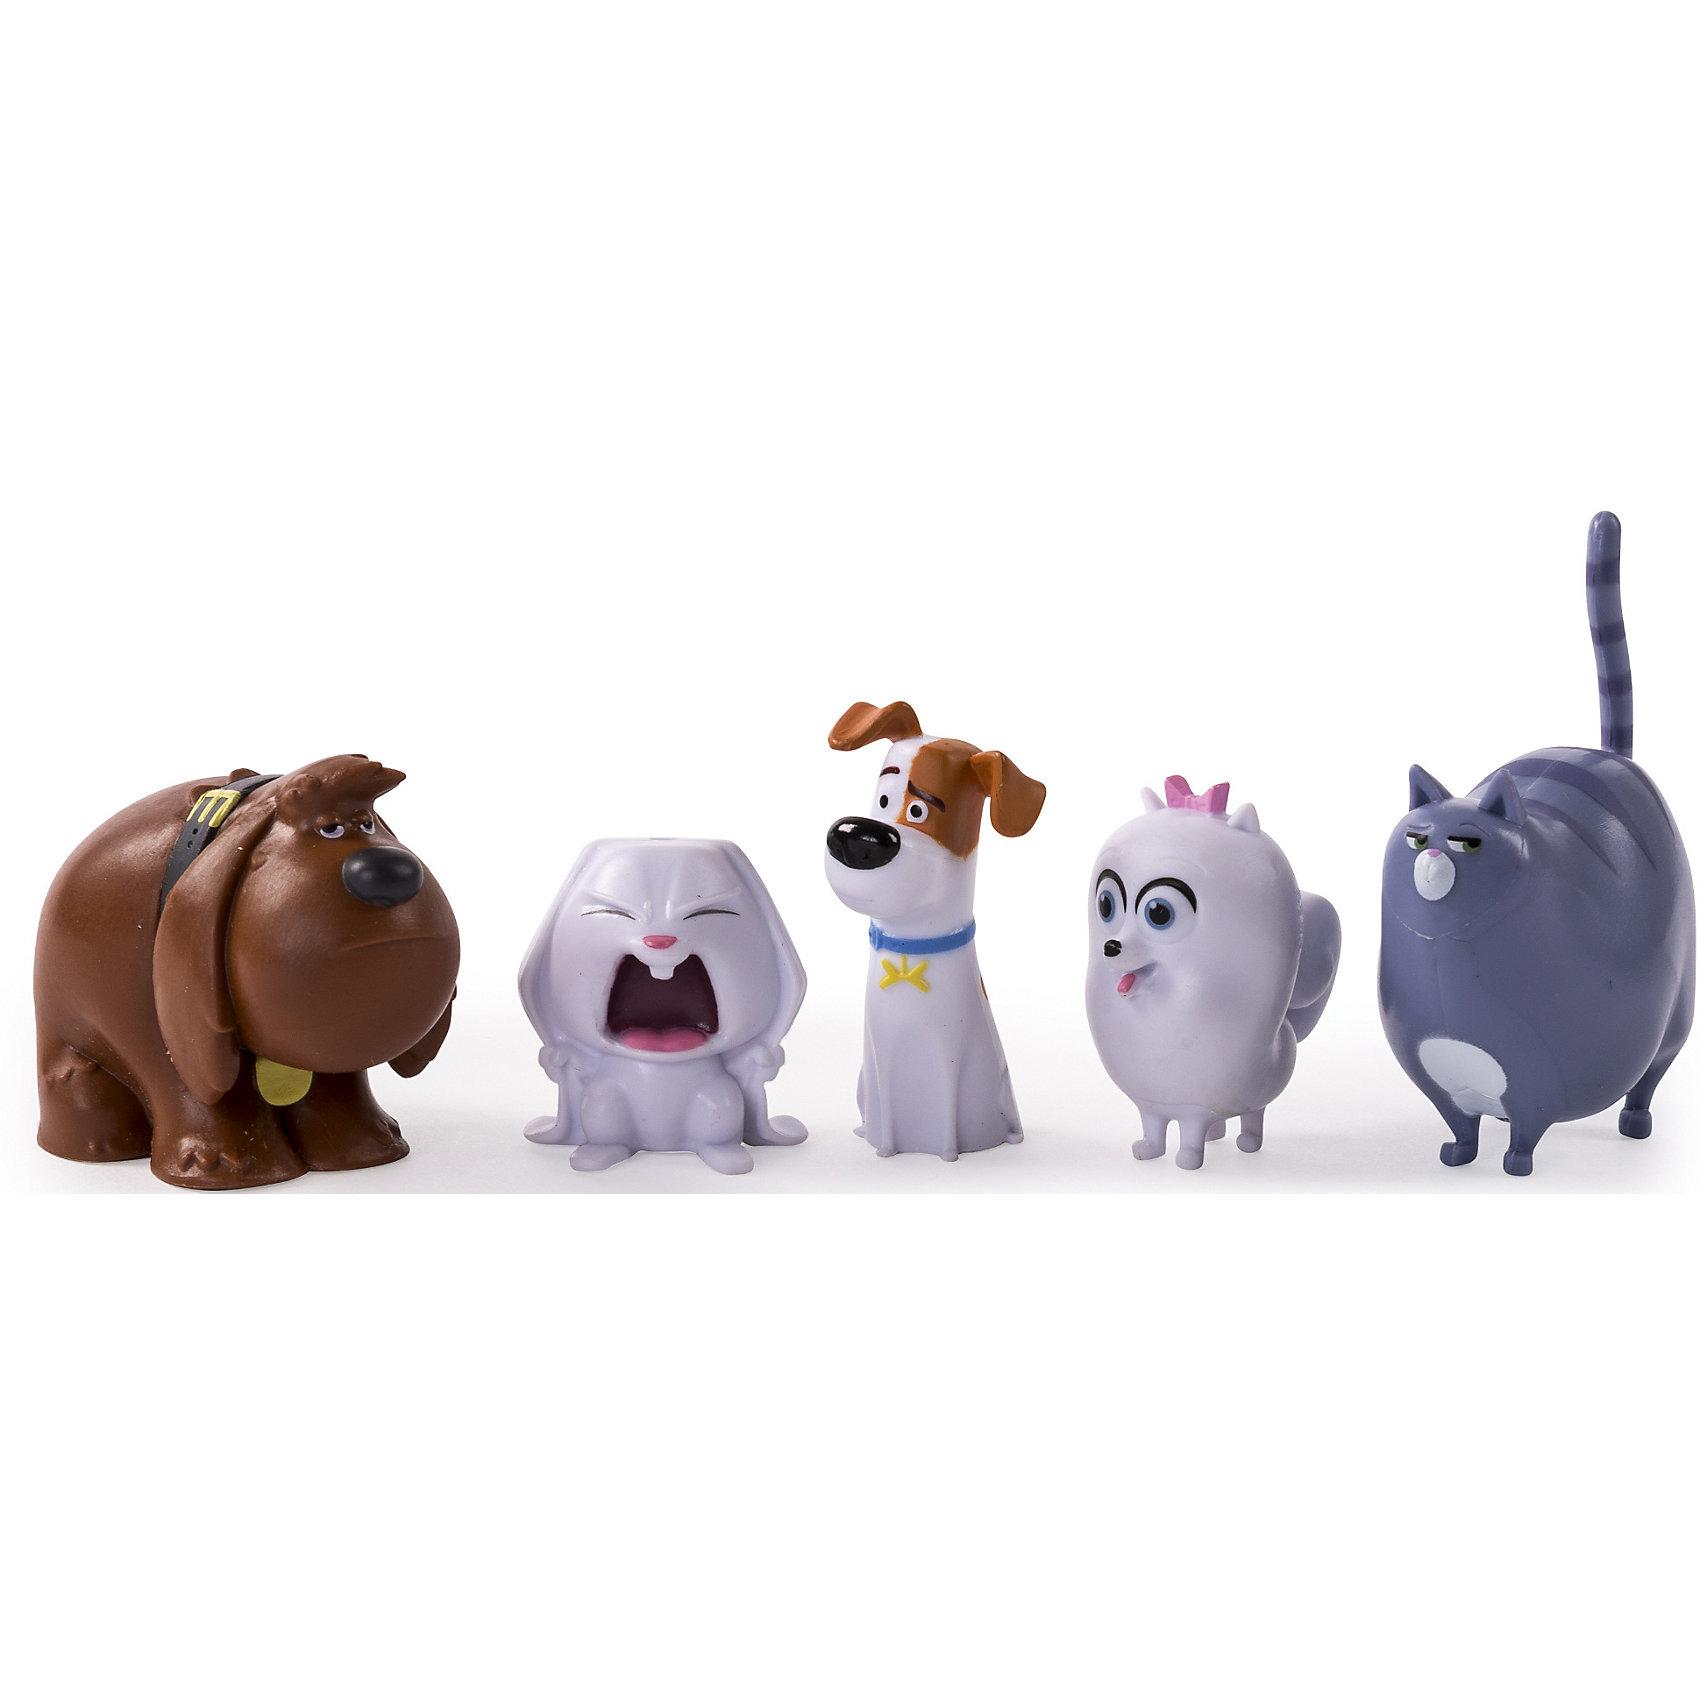 Набор из 5 мини-фигурок, Тайная жизнь домашних животныхНабор из 5 мини-фигурок, Тайная жизнь домашних животных (Secret Life of Pets ).<br><br>Характеристика:<br><br>• Материал: пластик.  <br>• Размер упаковки: 17х4х14,6 см. <br>• Размер фигурки: 4 - 5 см. <br>• 5 фигурок в комплекте: терьер Макс, дворняжка Дюк, злобный кролик Снежок, шпиц Гиджет и упитанная кошка Хлоя. <br>• Прекрасно детализированы и реалистично раскрашены. <br><br>Фигурки героев мультфильма Тайная жизнь домашних животных (Secret Life of Pets ), обязательно понравятся детям. Игрушки отлично детализированы, очень похожи на своих мульт-прототипов, изготовлены из высококачественных материалов с использованием только нетоксичных безопасных для детей красителей.<br><br>Набор из 5 мини-фигурок, Тайная жизнь домашних животных (Secret Life of Pets ), можно купить в нашем интернет-магазине.<br><br>Ширина мм: 155<br>Глубина мм: 125<br>Высота мм: 45<br>Вес г: 153<br>Возраст от месяцев: 36<br>Возраст до месяцев: 144<br>Пол: Унисекс<br>Возраст: Детский<br>SKU: 4875040